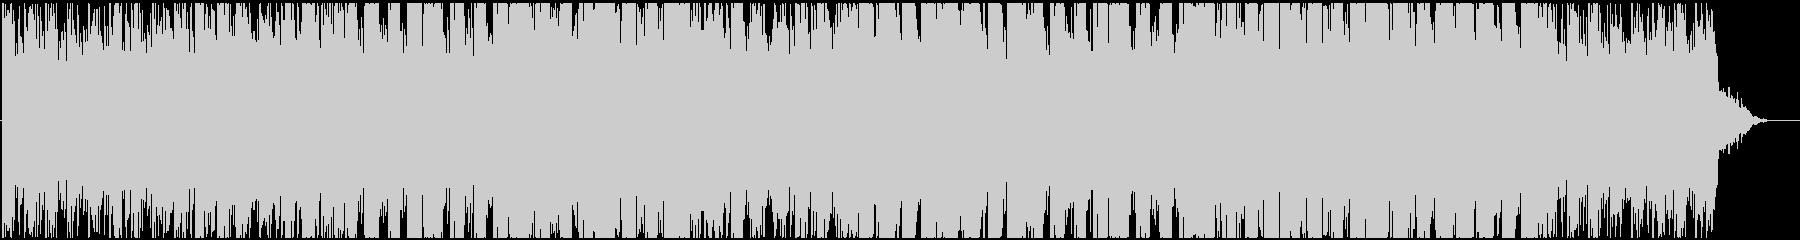 現代的 交響曲 フューチャ ベース...の未再生の波形